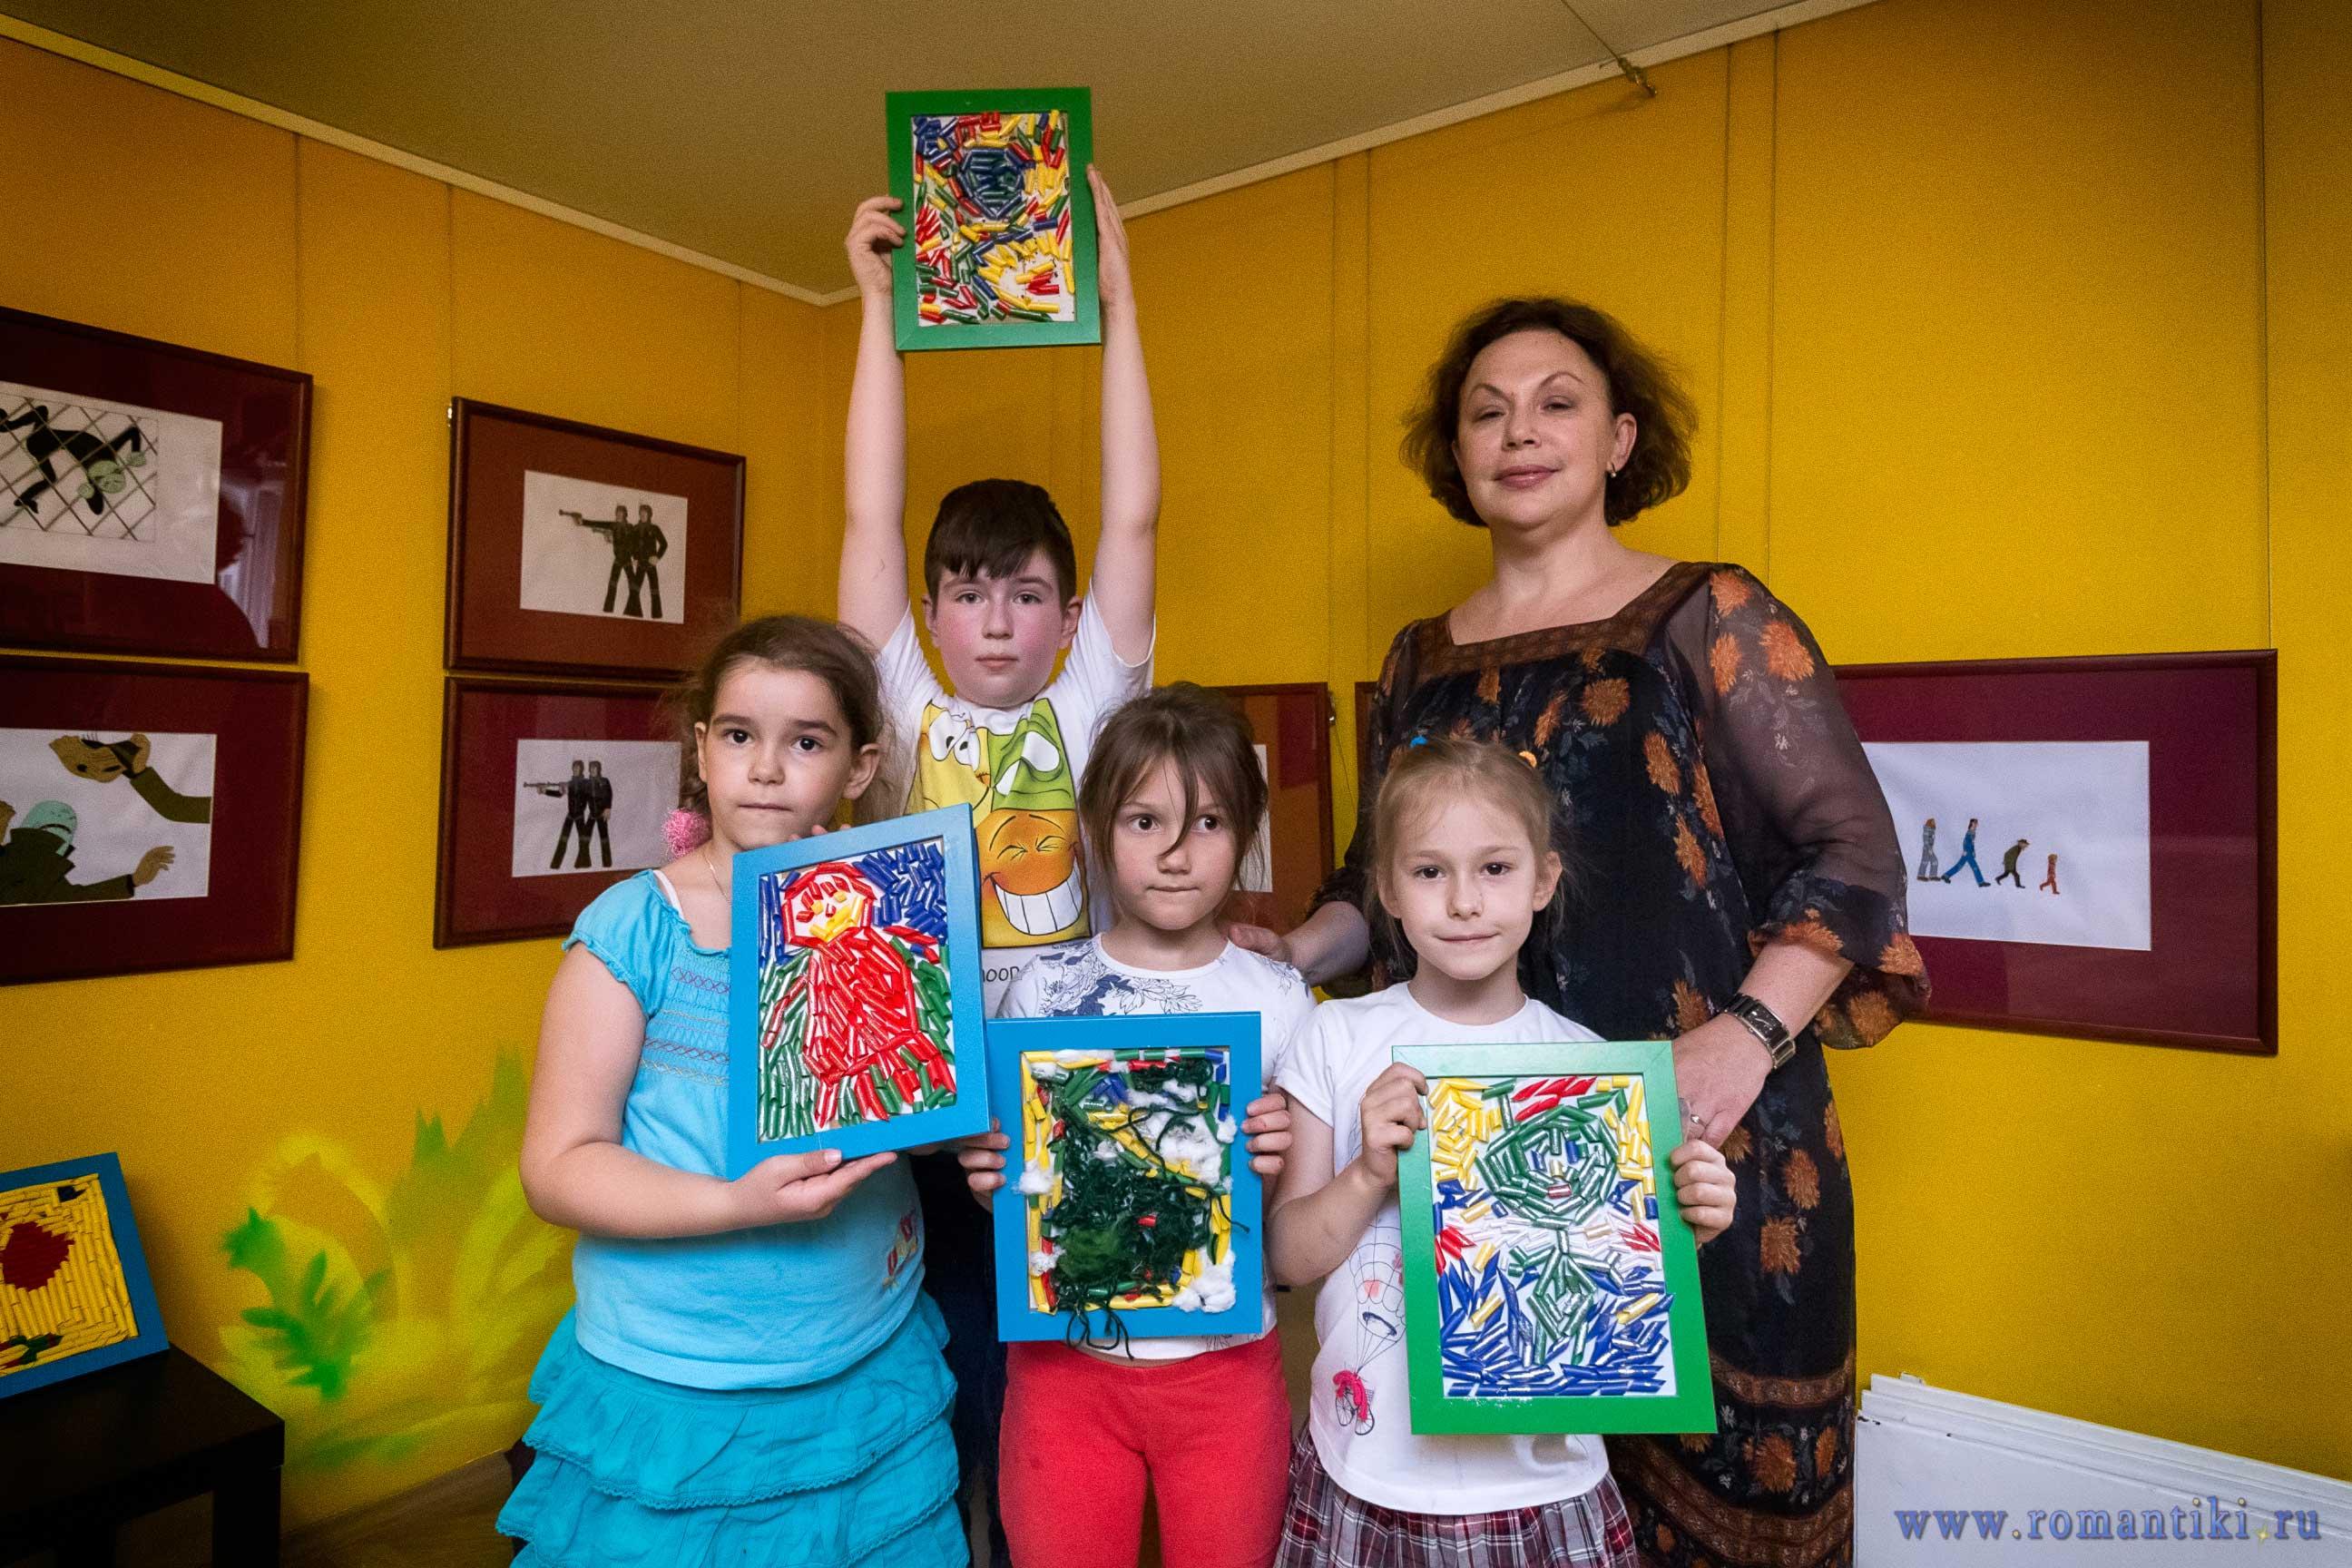 образцы детского творчества на студии